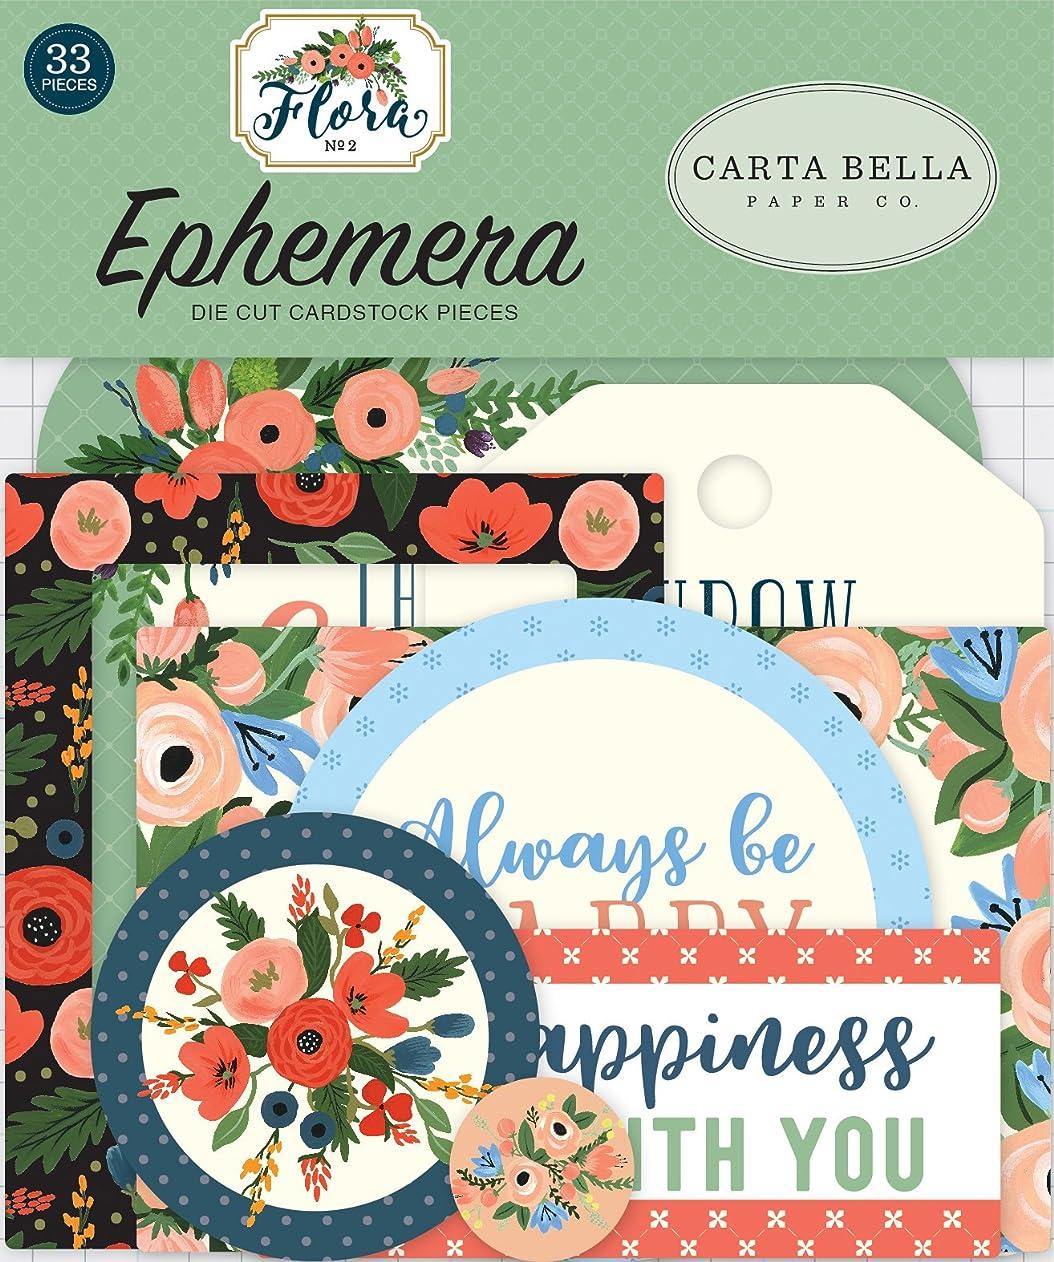 Carta Bella Paper Company Flora no.2 Ephemera lzoadblwmve22950